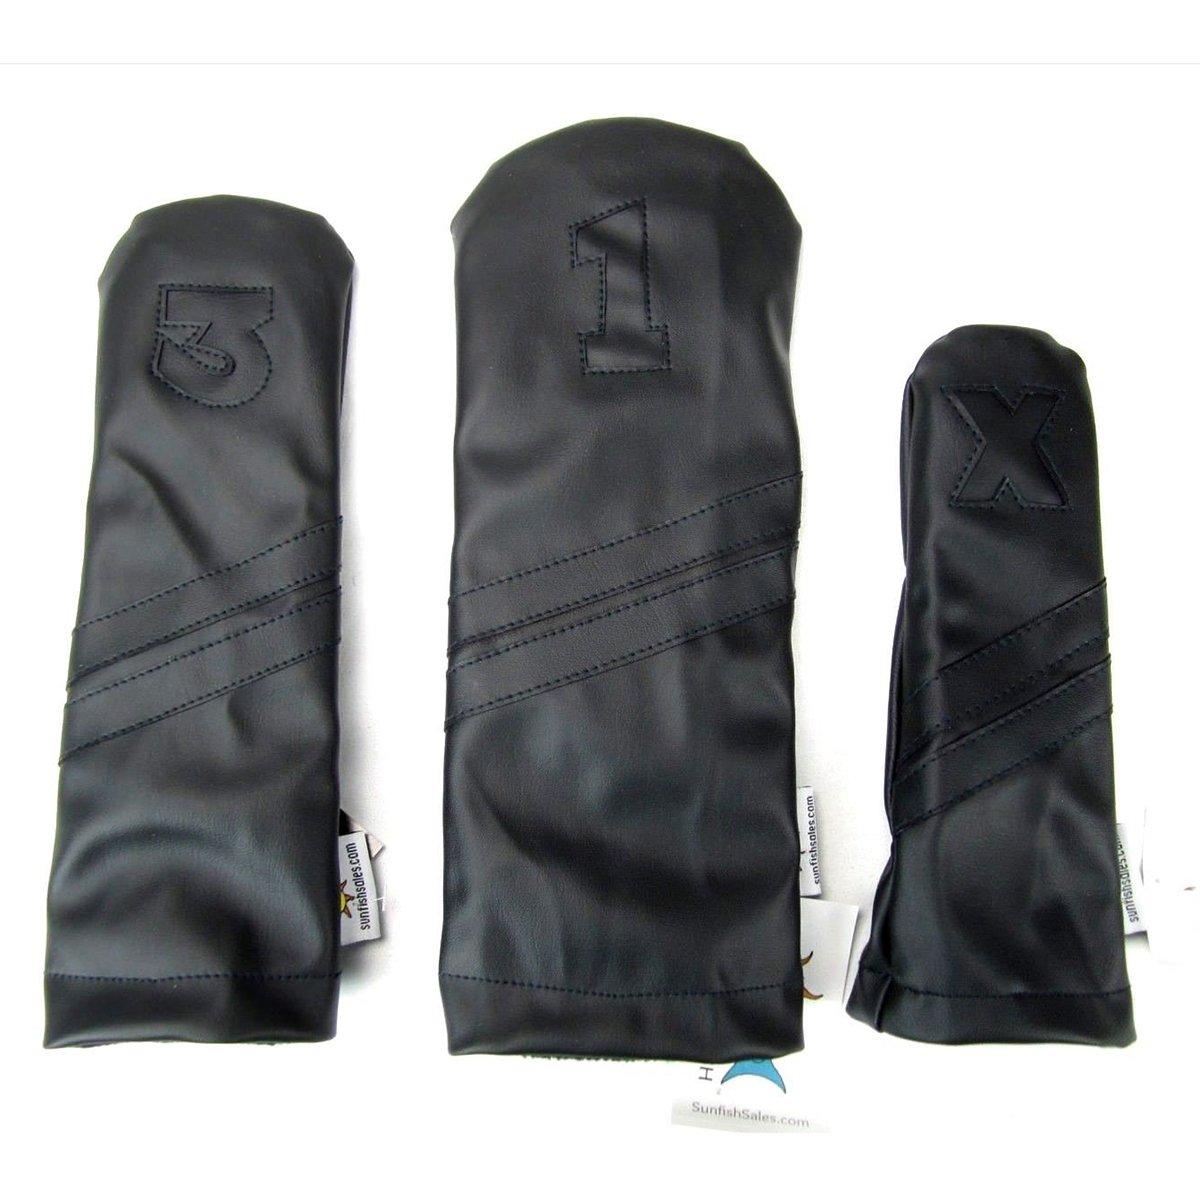 Sunfishレザーヘッドカバーセット1 – 3-xブラックonブラックMurdered Out B07C4H6SC4